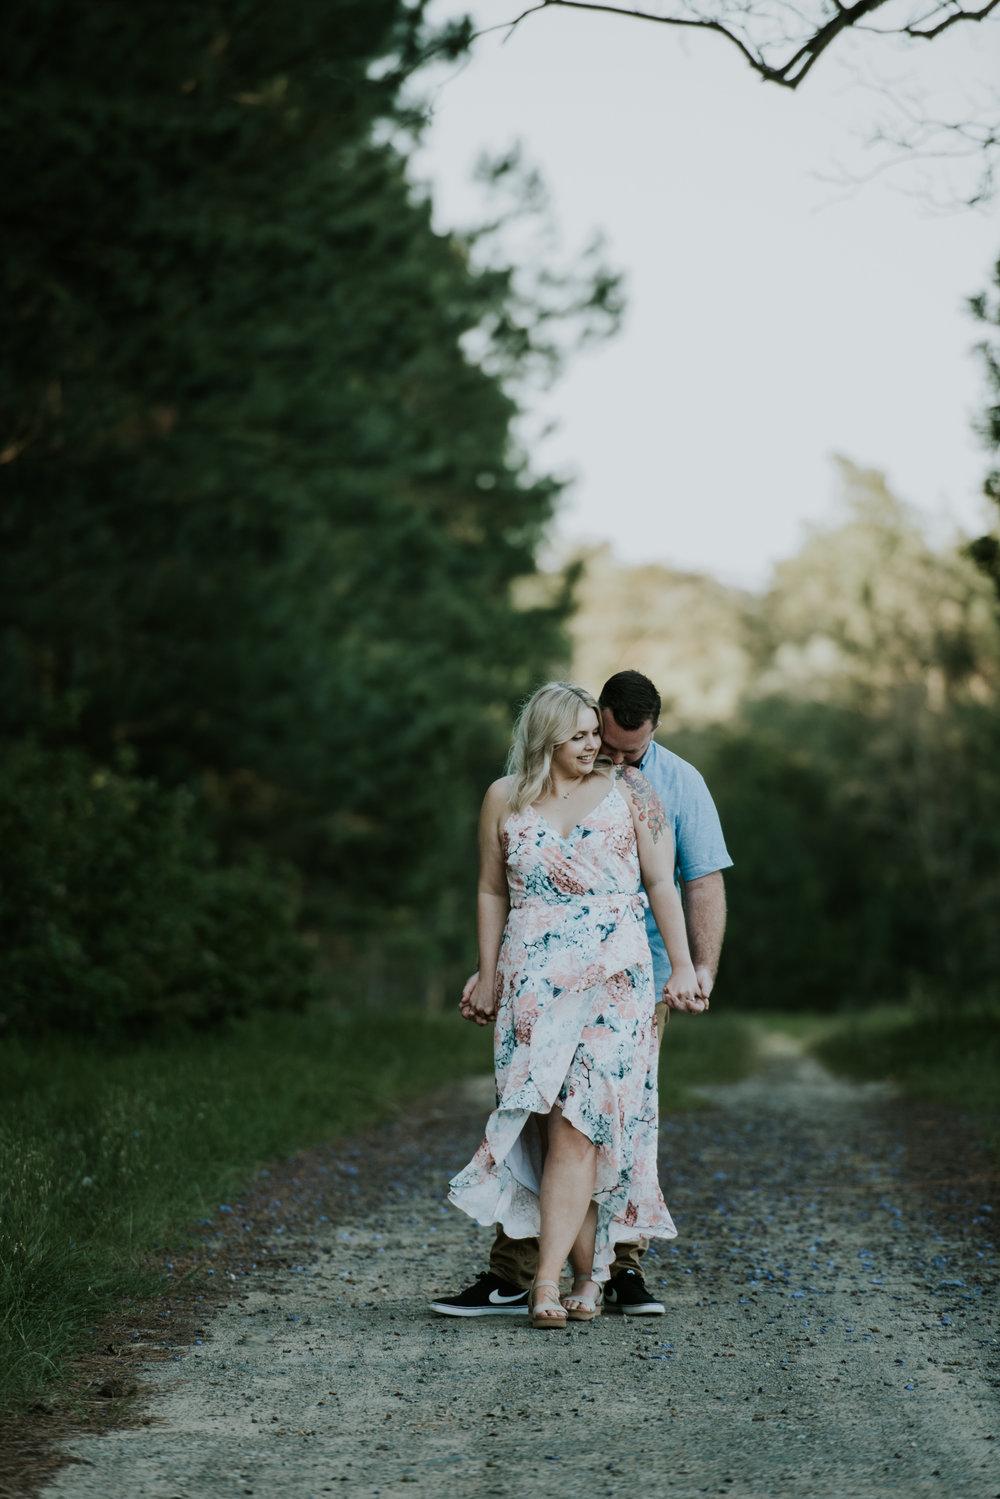 Brisbane Engagement Photography | Sunshine Coast Wedding Photographer-3.jpg